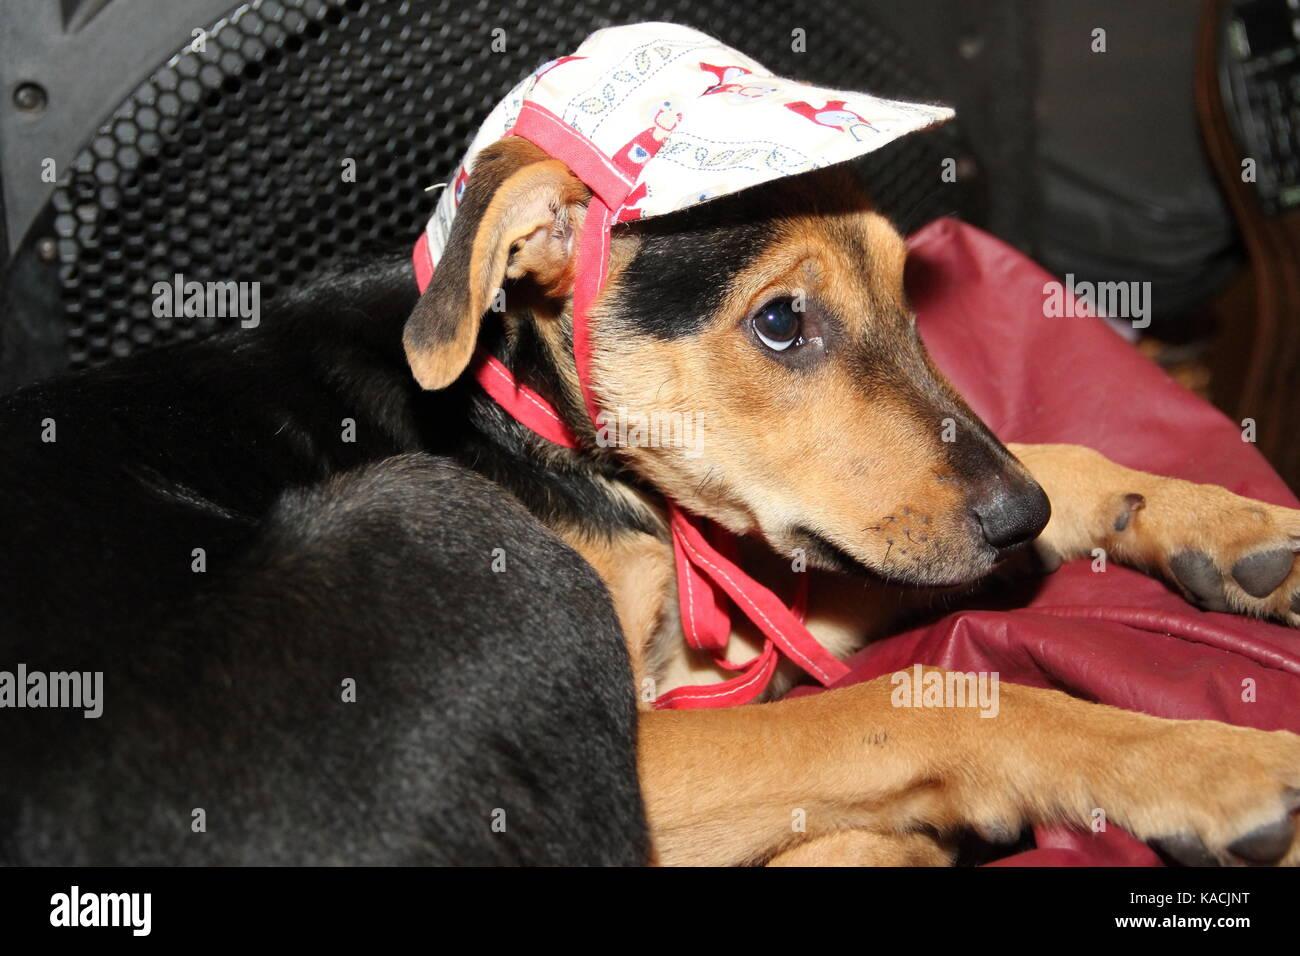 cachorro con expresion en la cara y gorro - Stock Image